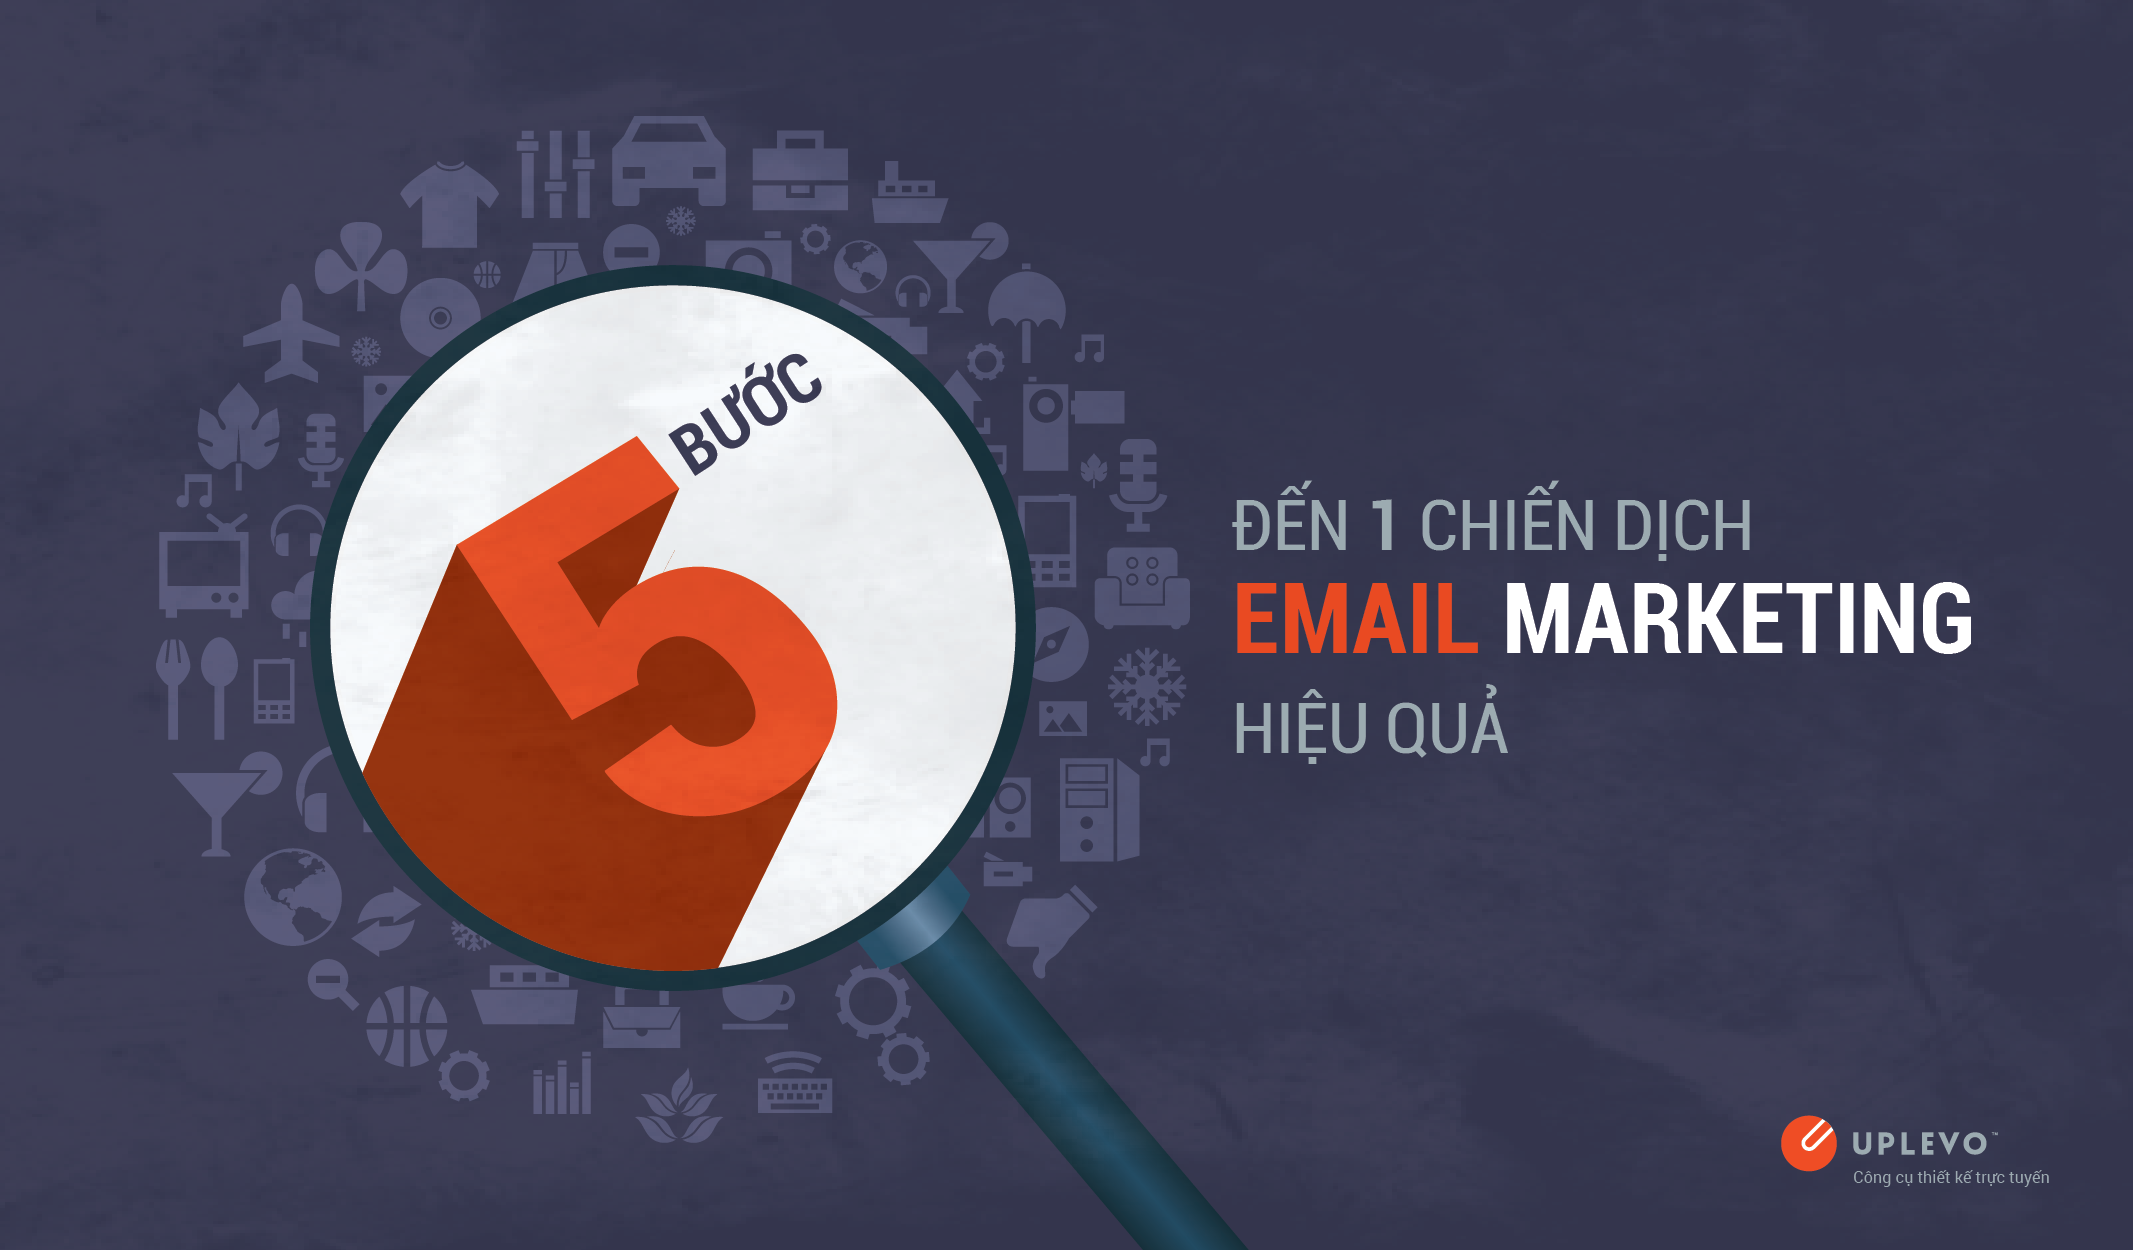 5 bước đến một chiến dịch email marketing hiệu quả